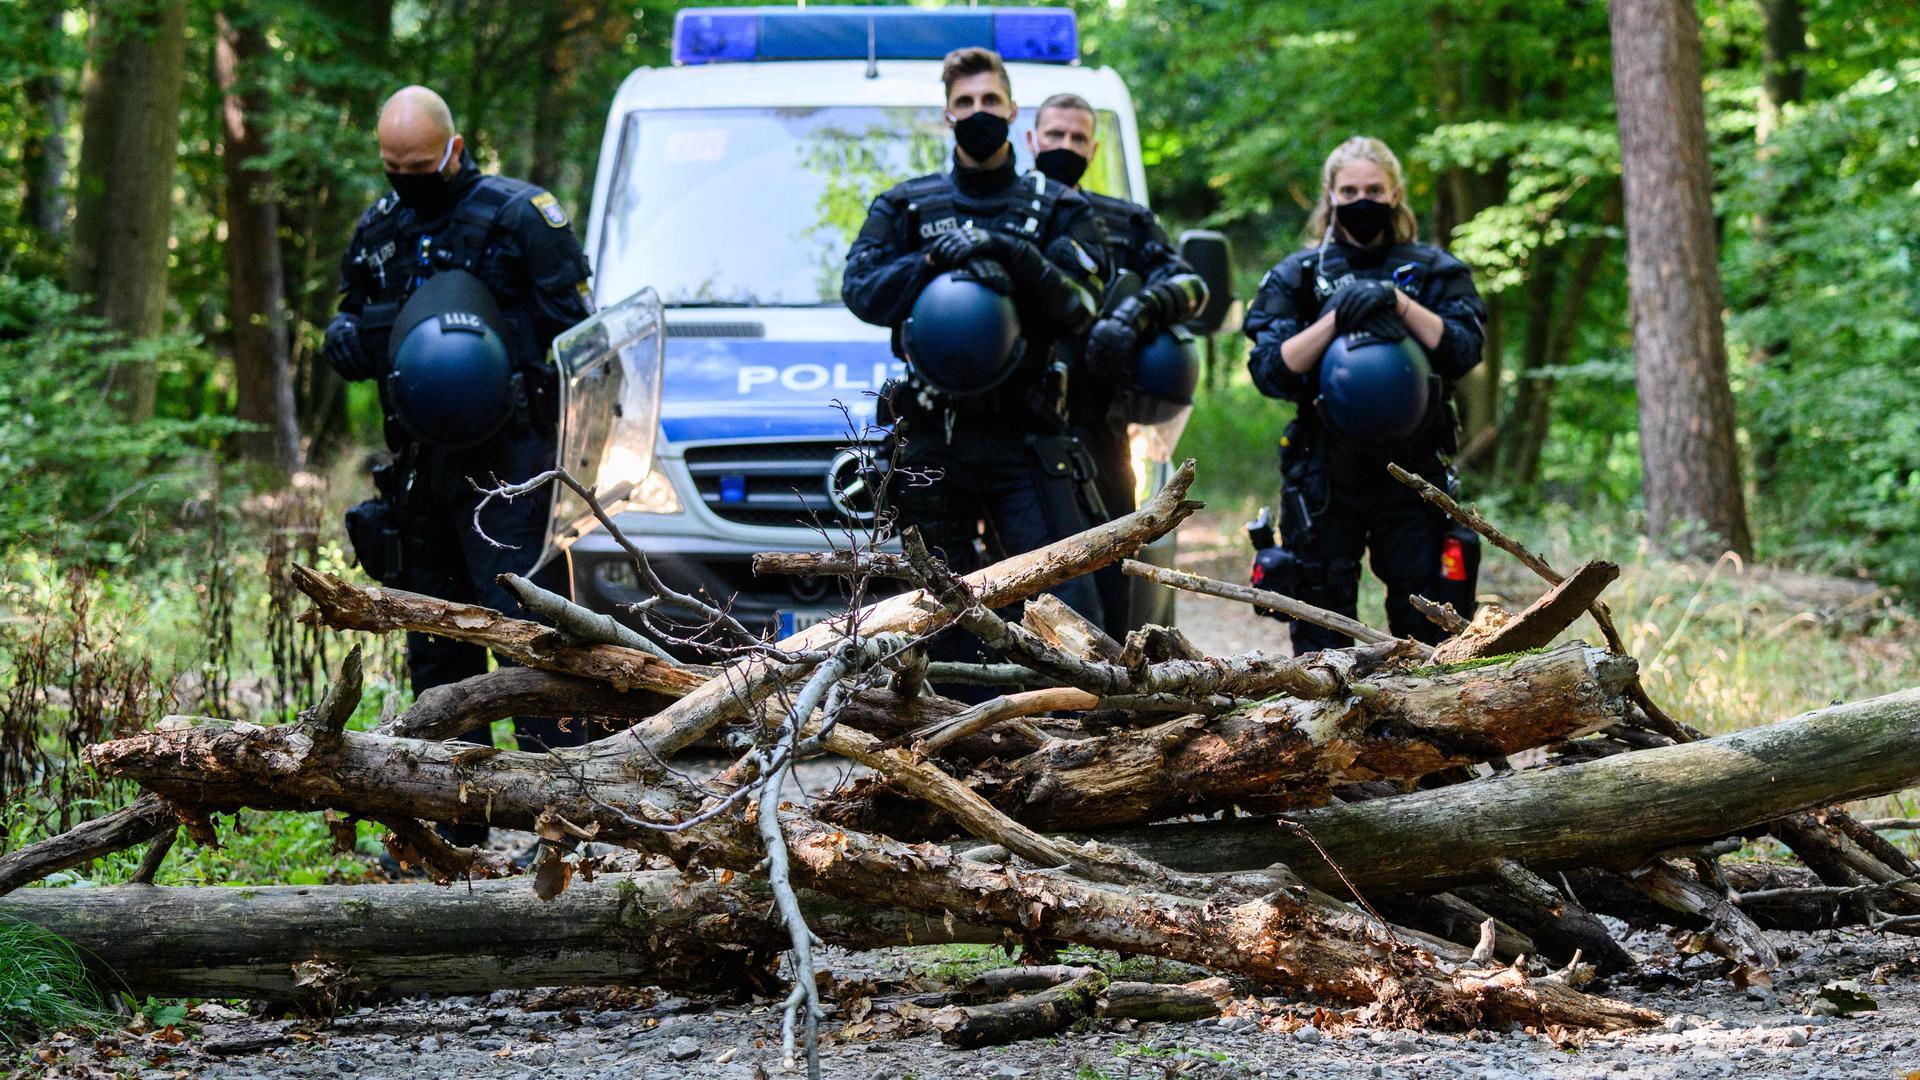 21.09.2020, Hessen, Homberg (Ohm): Einsatzkräfte der Polizei stehen vor einer Barrikade, die Aktivisten im besetzten Waldgebiet errichtet haben. Auf der Fläche sollen nach Polizeiangaben die Baugeräte für den Bau der A49 abgestellt werden. Aktivisten leisten Widerstand gegen den Weiterbau der Autobahn 49 im Dannenröder Wald. Foto: Andreas Arnold/dpa +++ dpa-Bildfunk +++ | Verwendung weltweit